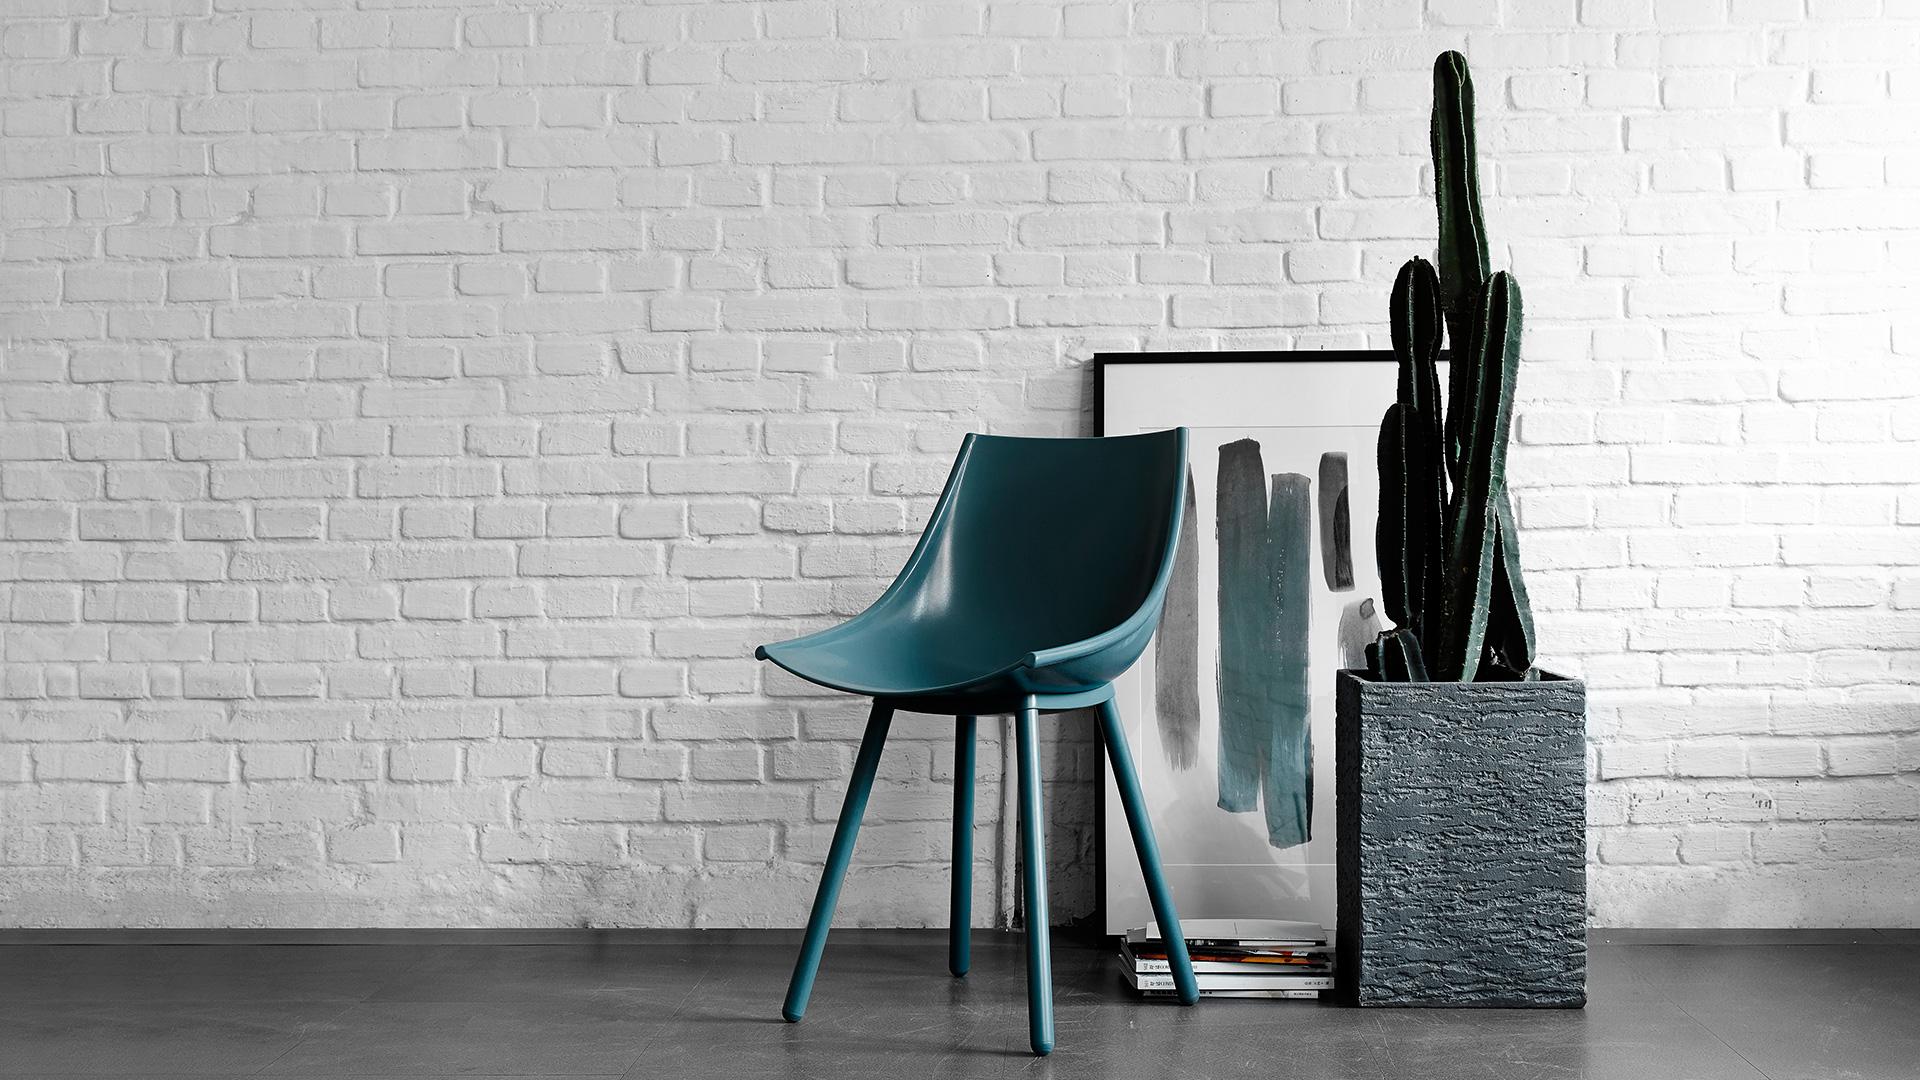 用同样身形挺拔、曲线贴合的丝绸椅作餐椅再合适不过,与硬朗的空间氛围100%融合,沉稳的石灰绿带出第一层性感。?x-oss-process=image/format,jpg/interlace,1